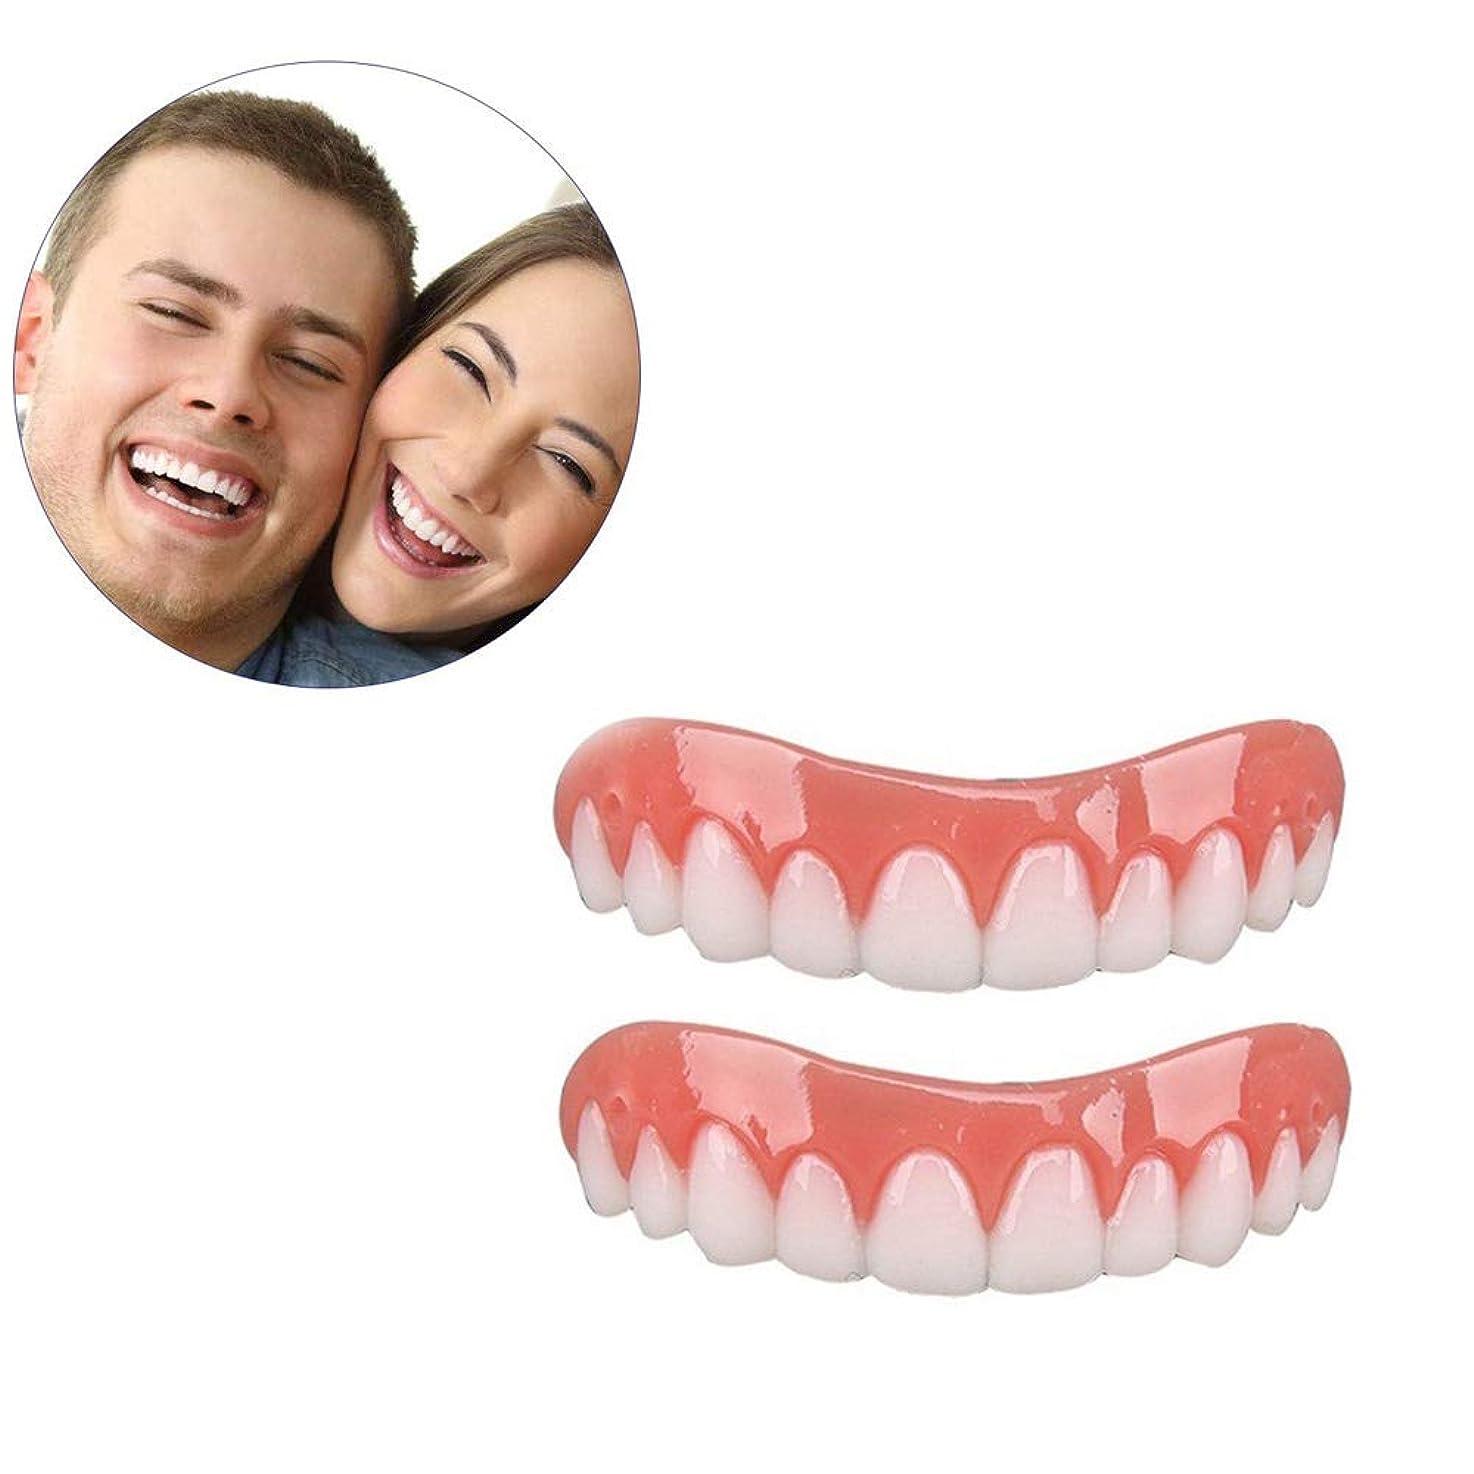 救出五月世界快適なフィットフレックス化粧品、2PCSをホワイトニングインスタントパーフェクトスマイルアッパー歯突き板の歯